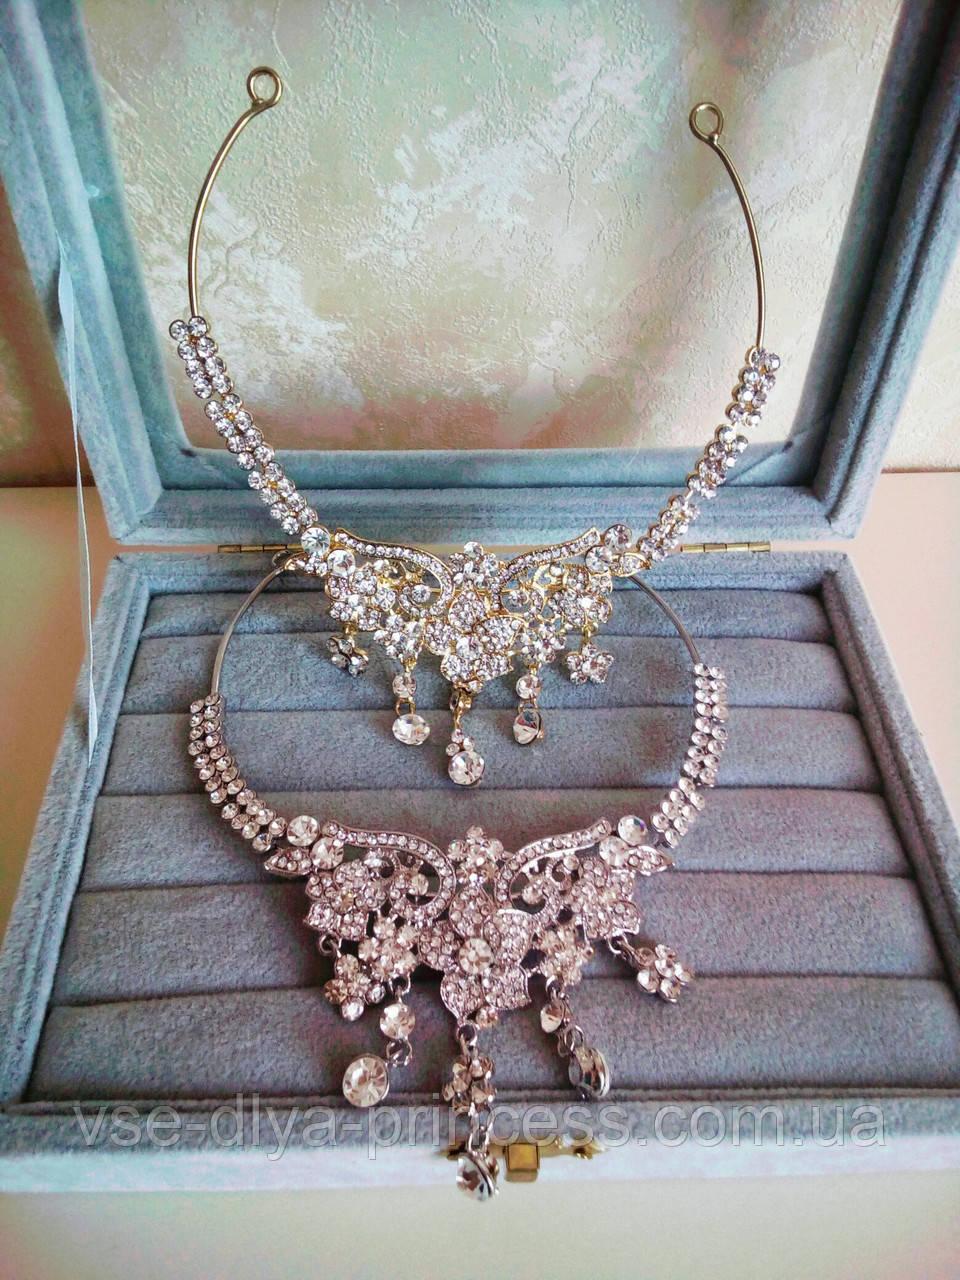 Диадема, украшение под золото в восточном стиле, тикка с подвесным камнем, корона, тиара, высота 7 см.